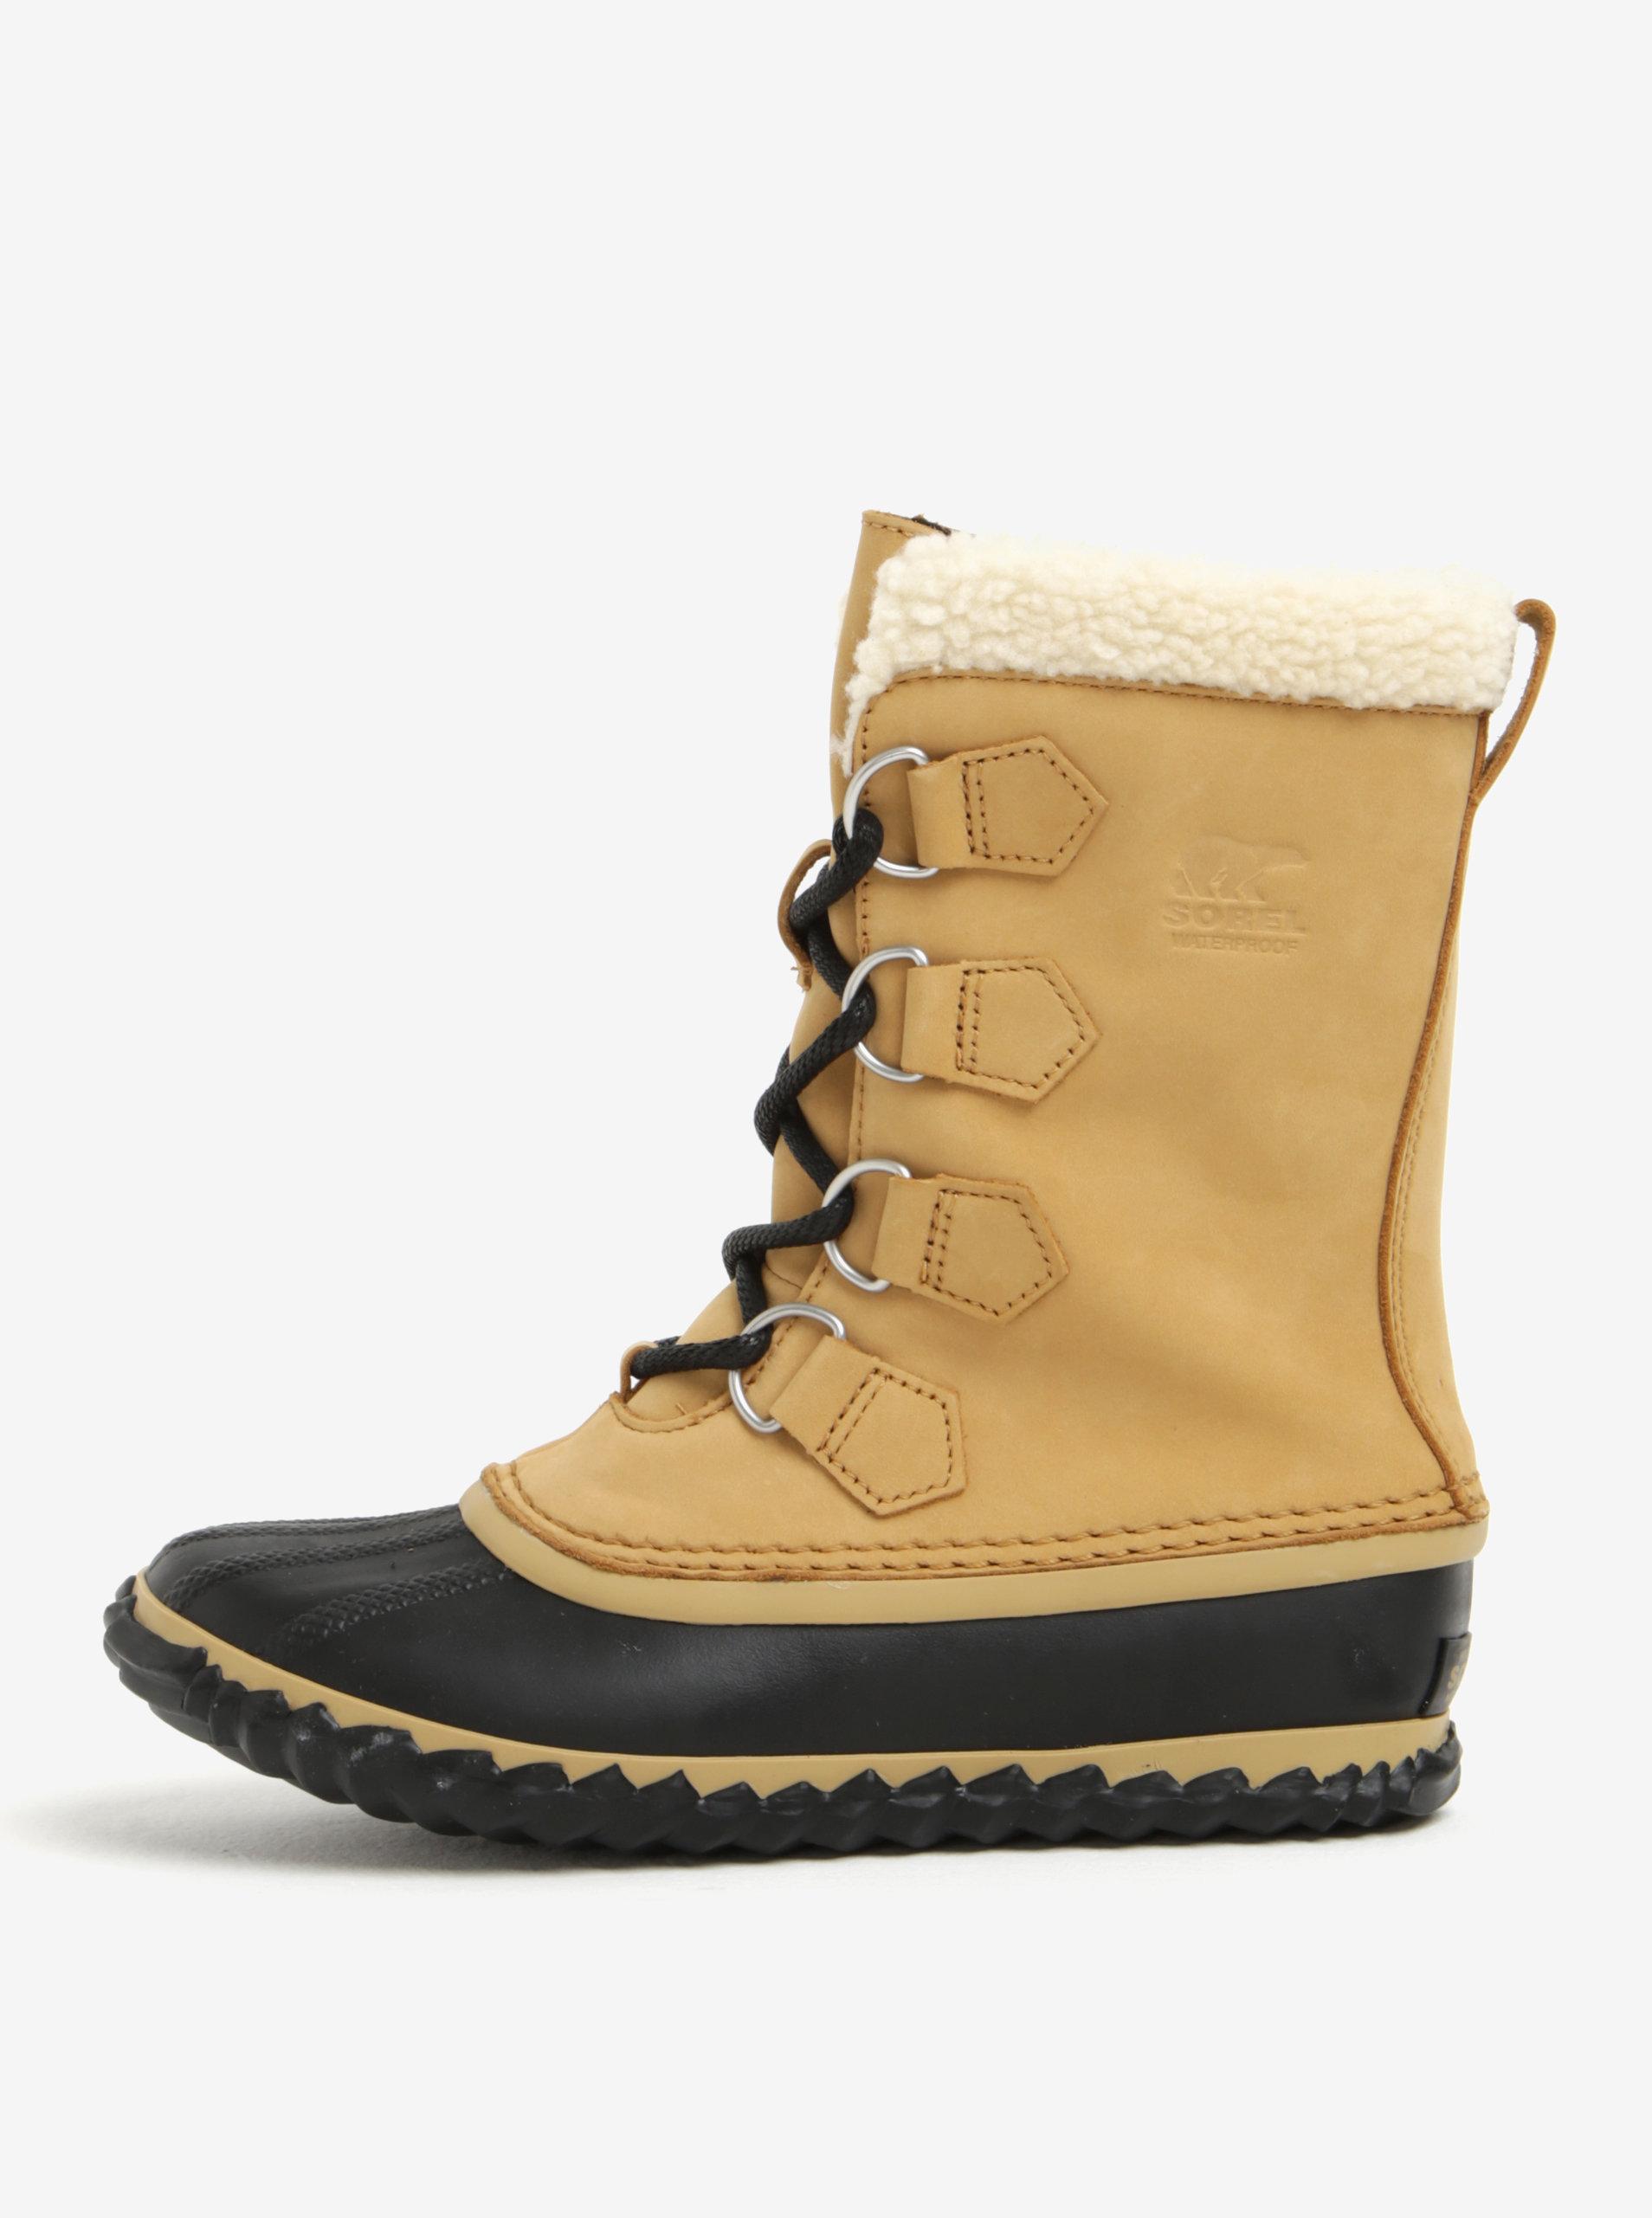 1e48cb9e8d5ed Béžové dámske kožené vodovzdorné zimné topánky s umelým kožúškom SOREL ...